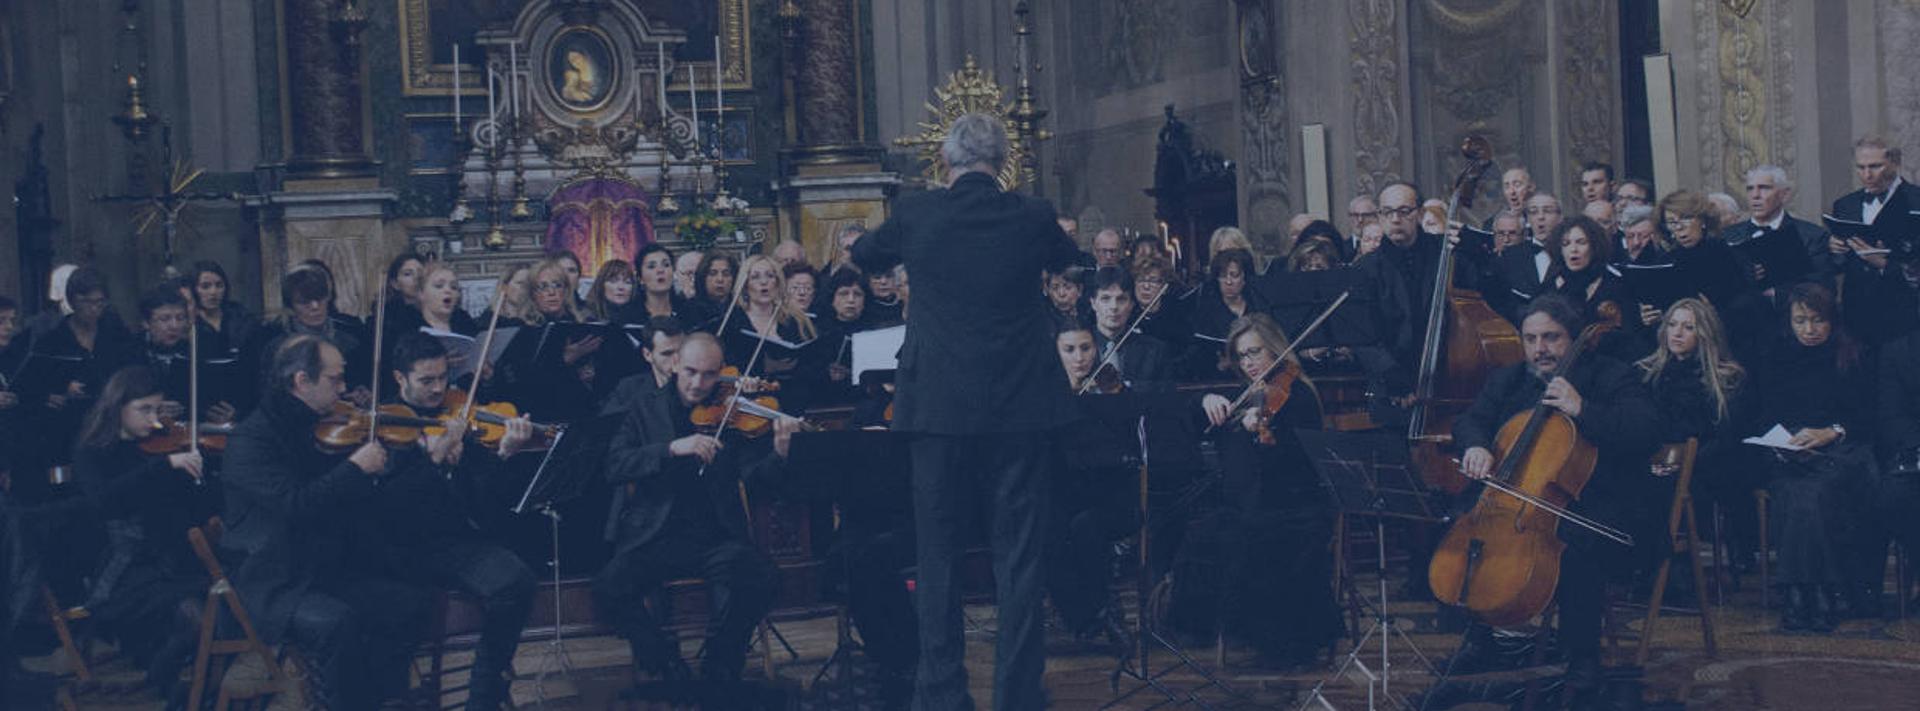 Foto dal sito dell'associazione Messa in musica Bologna